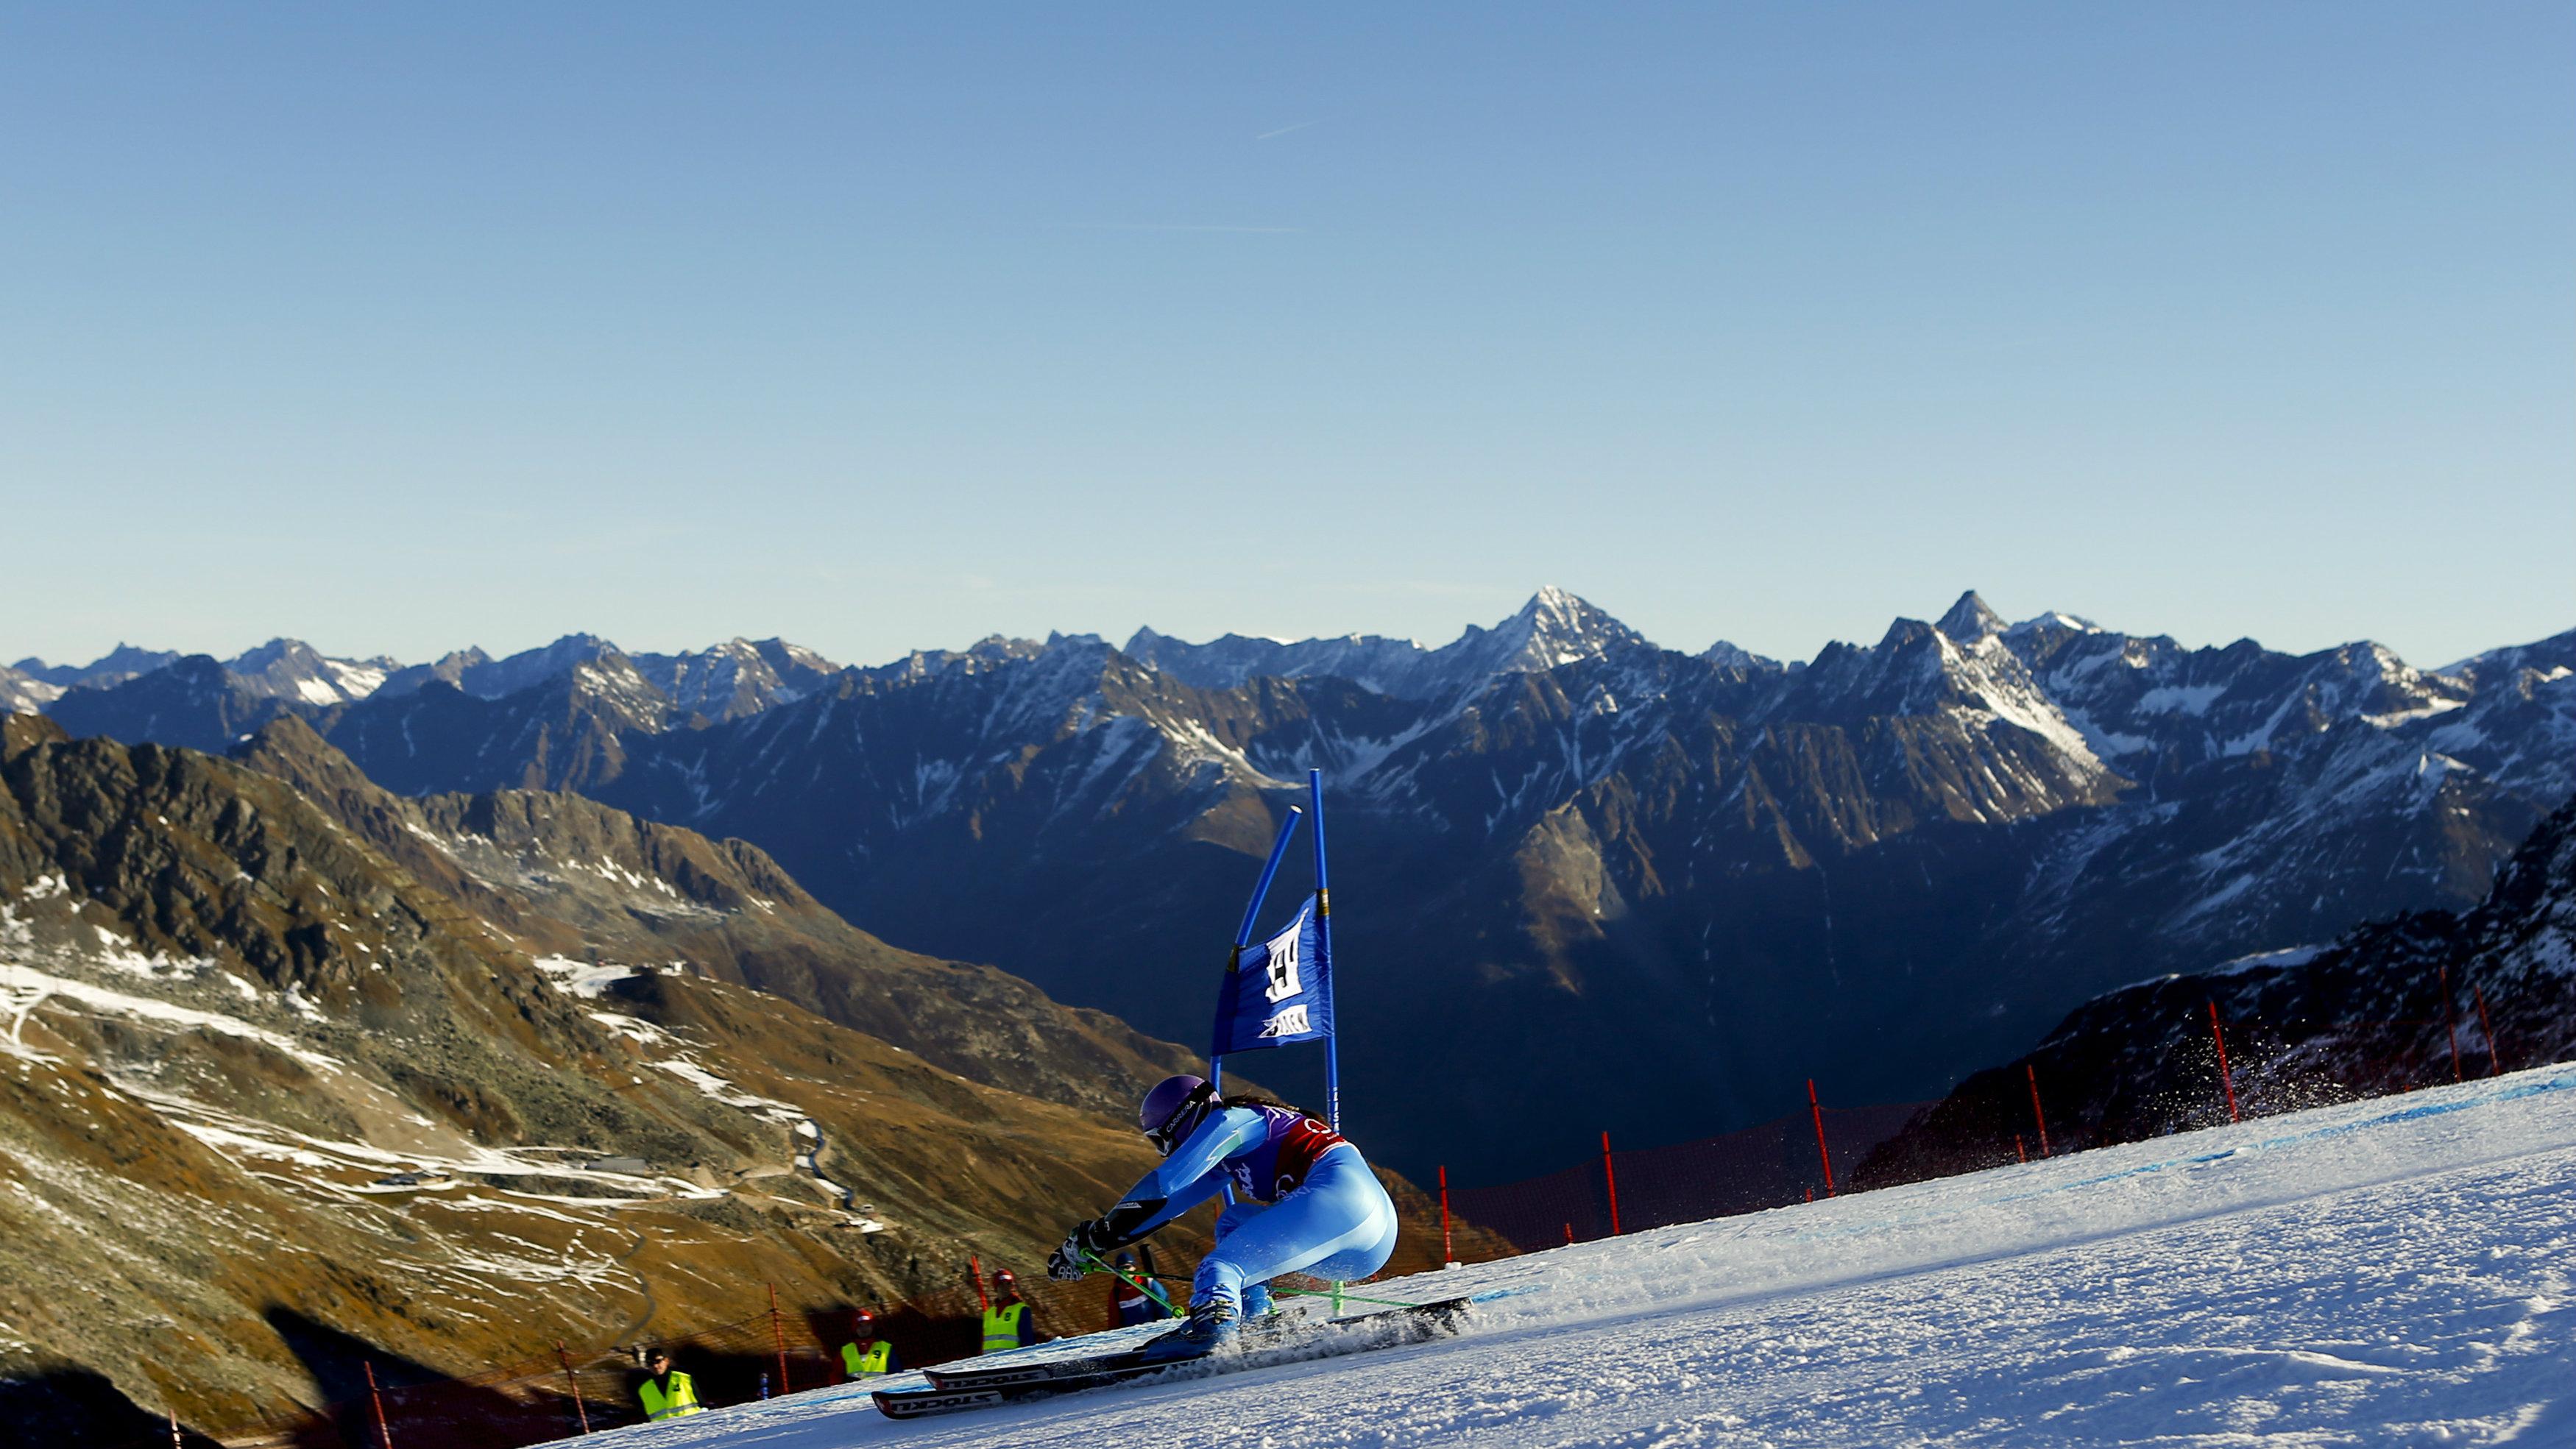 skiingmountain